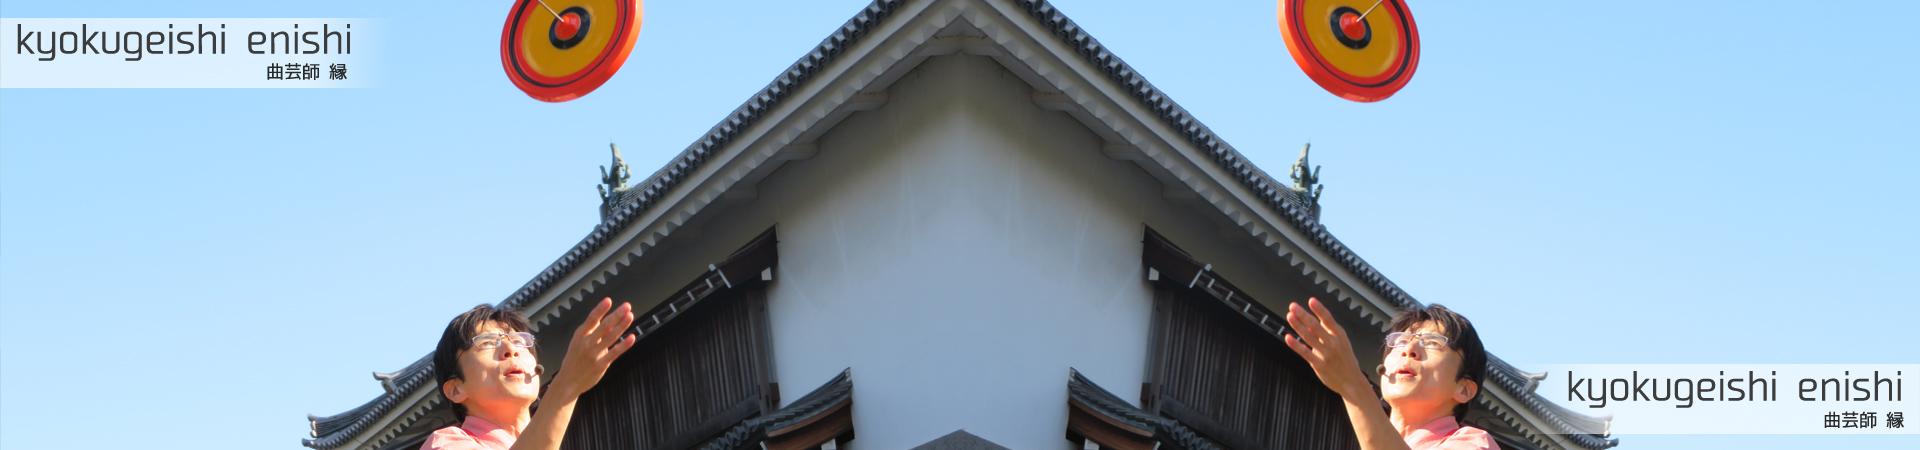 kyokugeishi-enishi